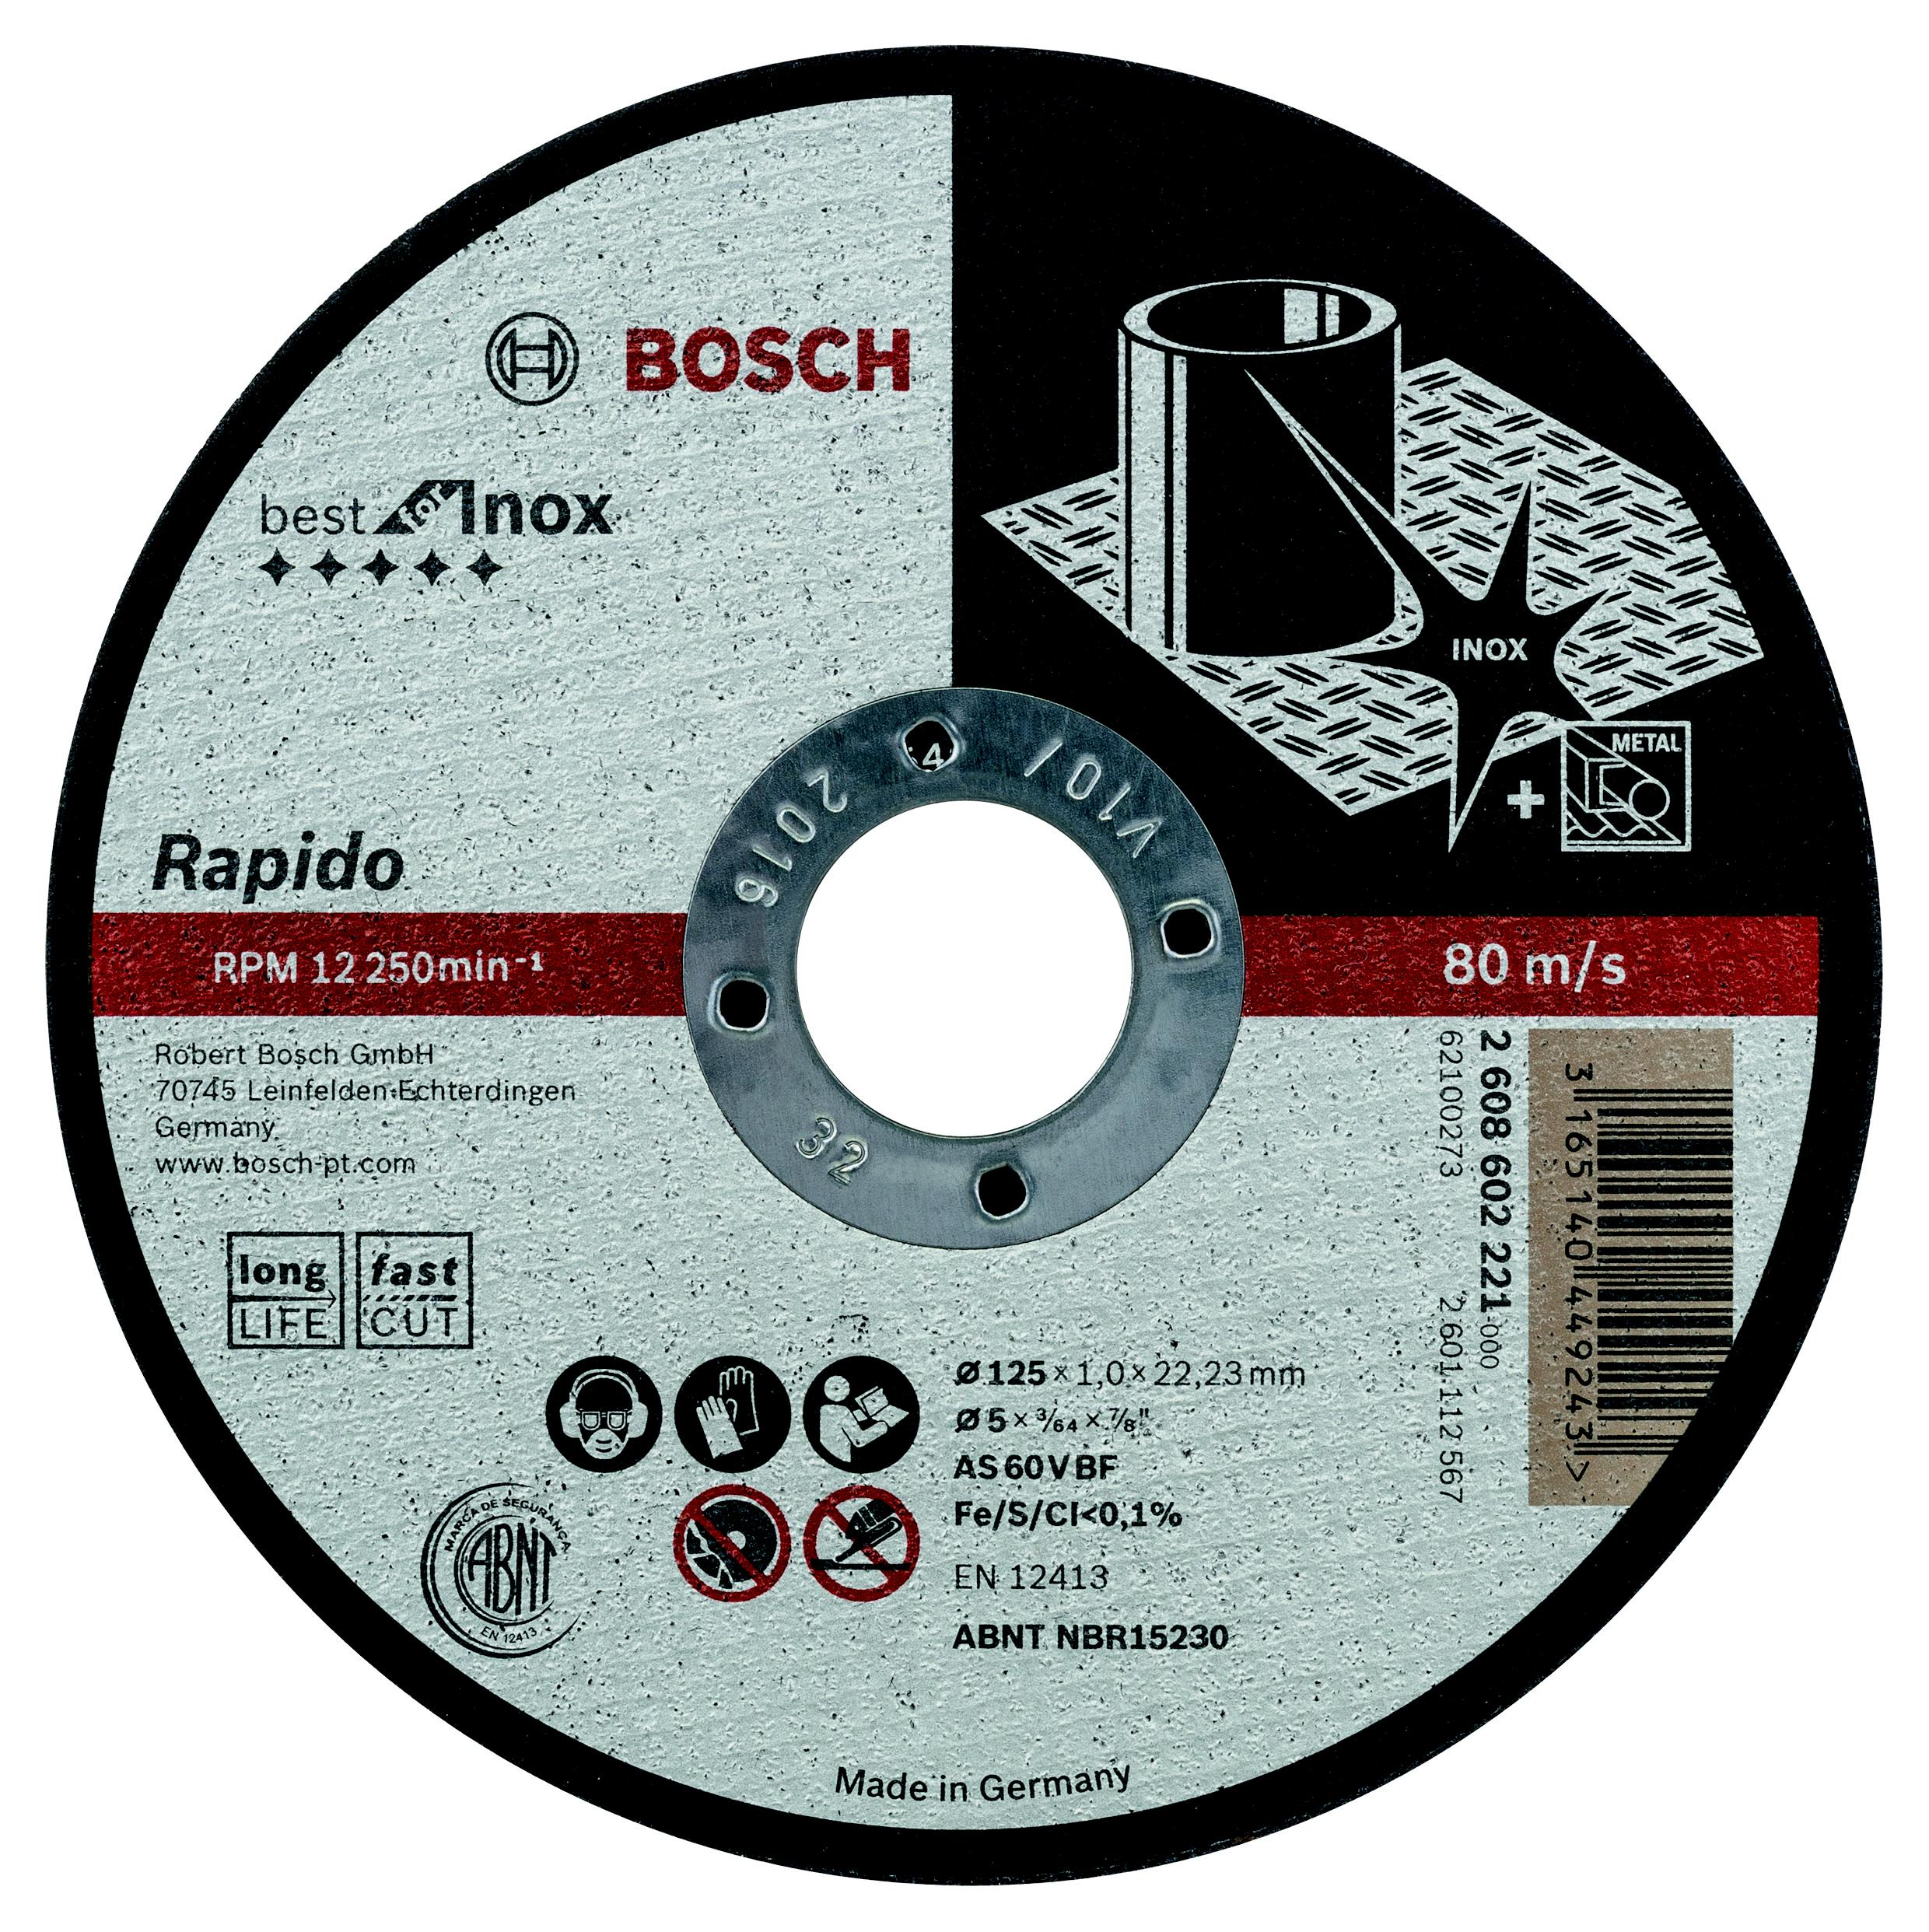 Круг отрезной Bosch Best for inox rapido 115x1,0x22по нерж. (2.608.602.220) круг отрезной hammer flex 115 x 1 0 x 22 по металлу и нержавеющей стали 25шт